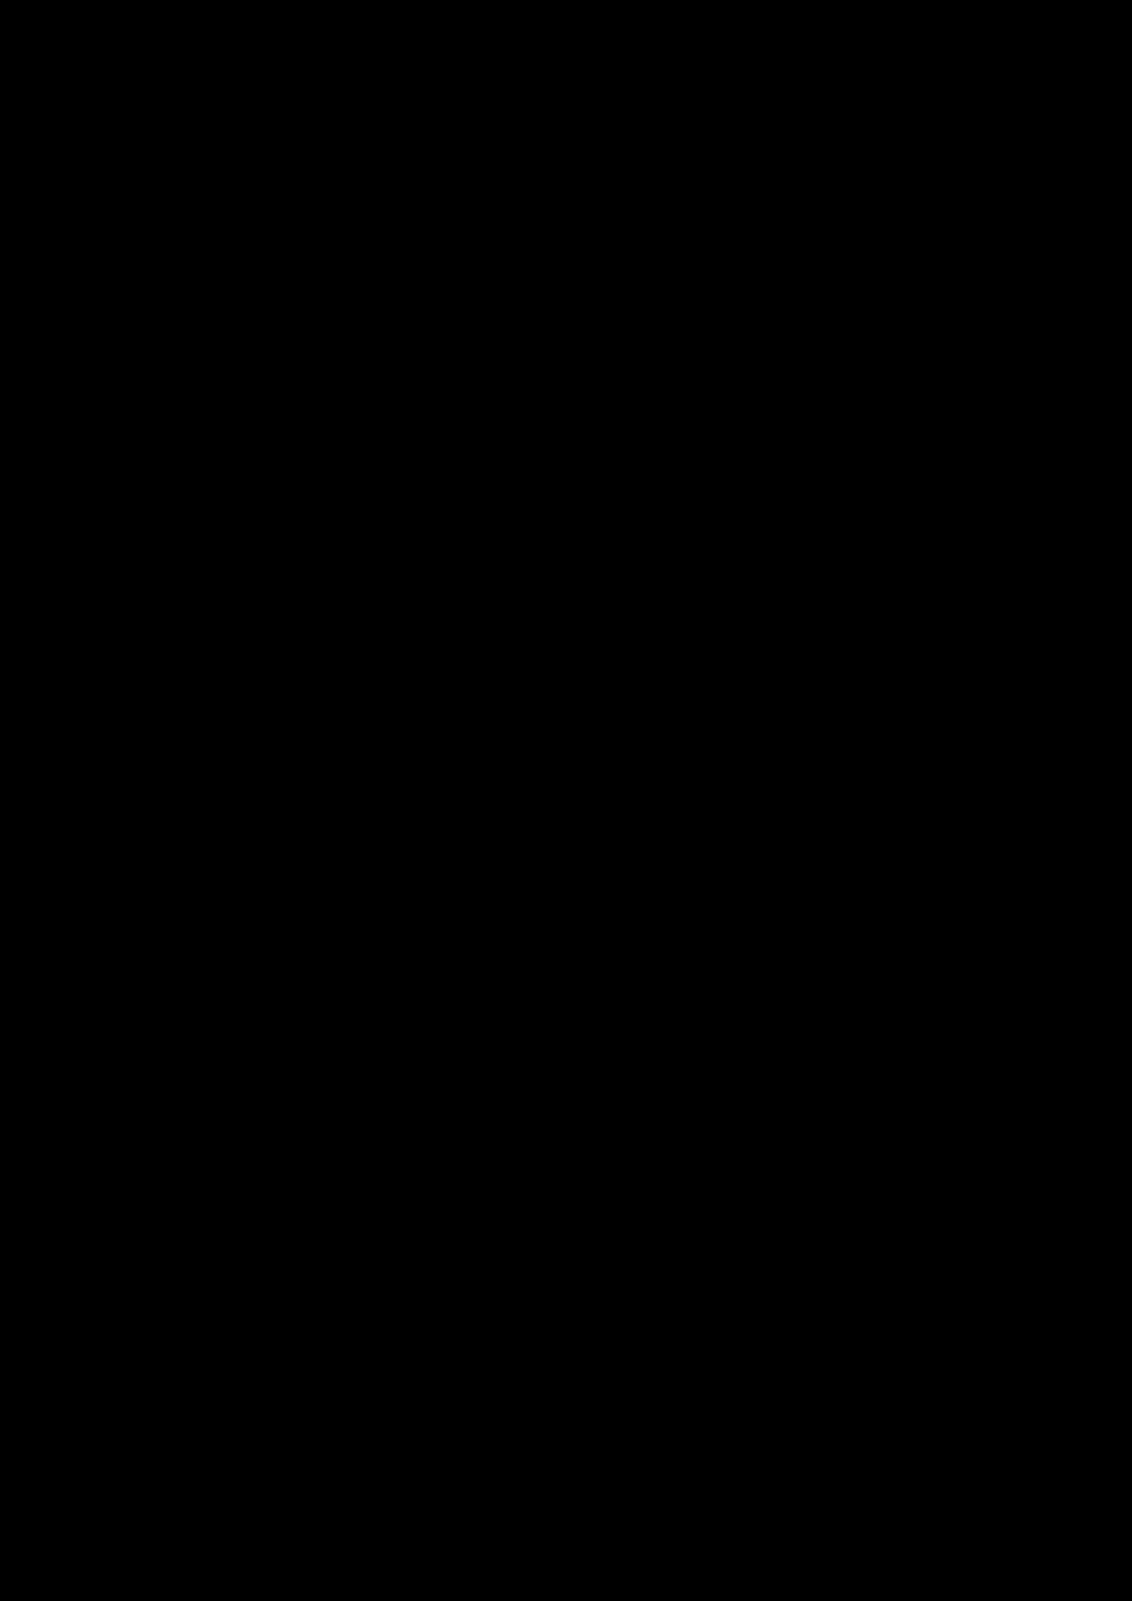 Zagadka volshebnoy stranyi slide, Image 101